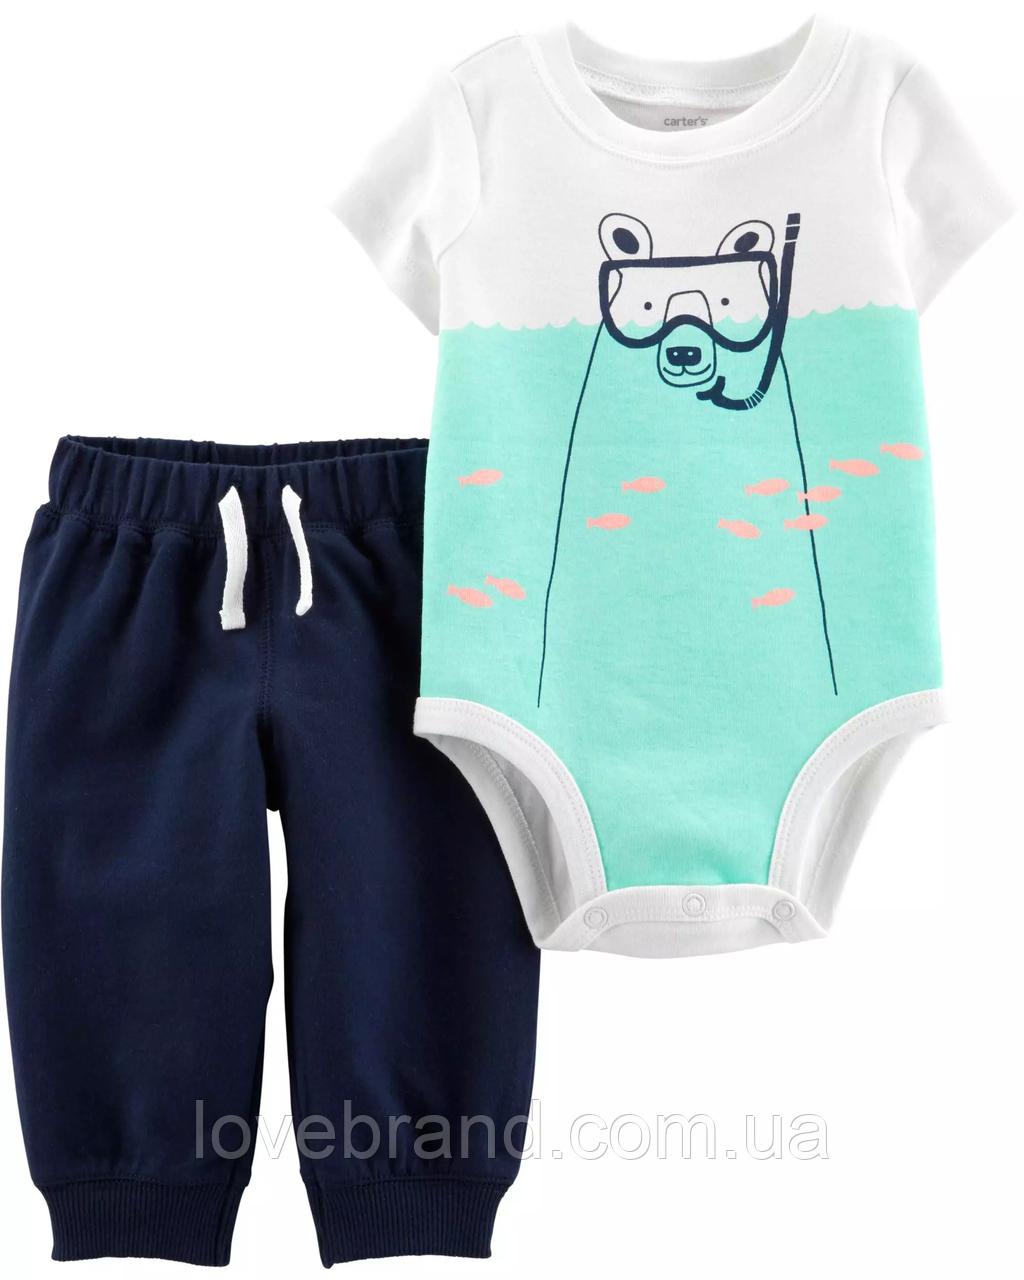 """Набор Carter's """"Мишка аквалангист""""  для мальчика боди на короткий рукав + спортивные штанишки картерс"""